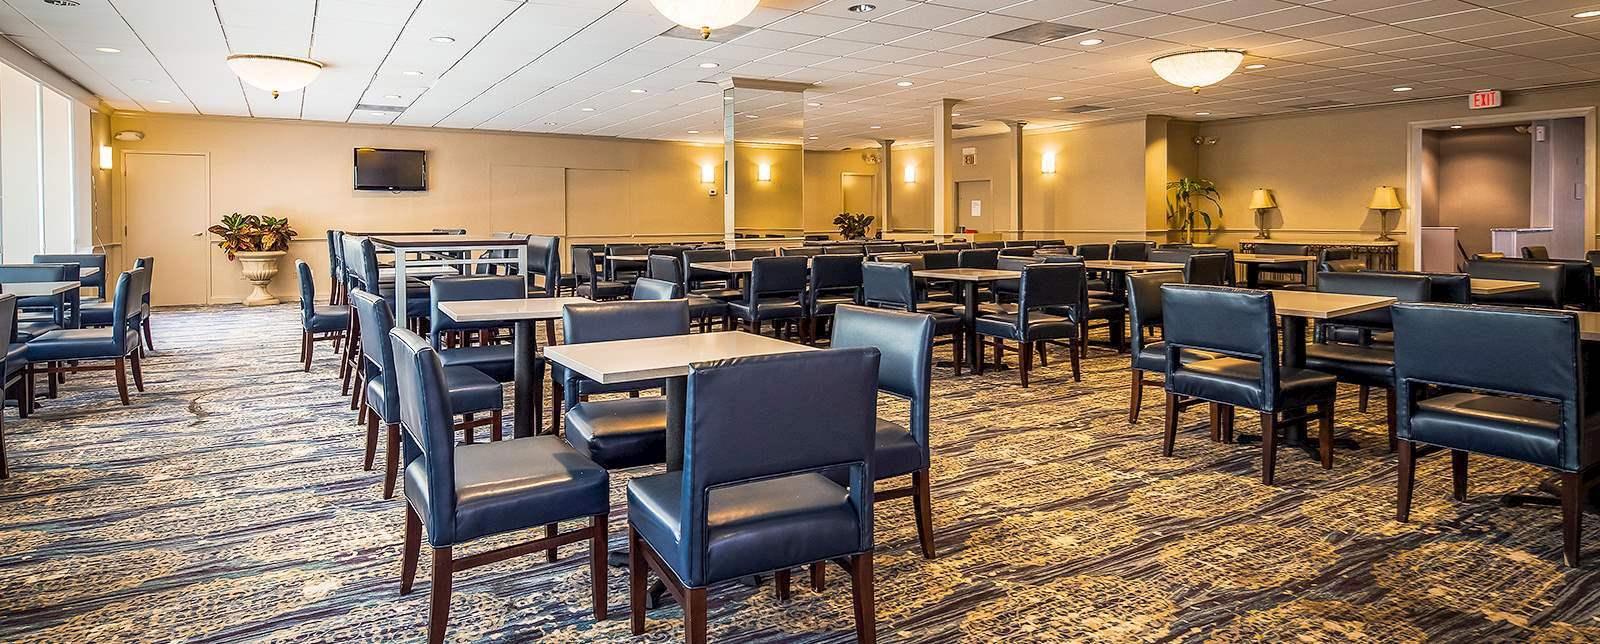 Hotel Pentagon Arlington, Virginia